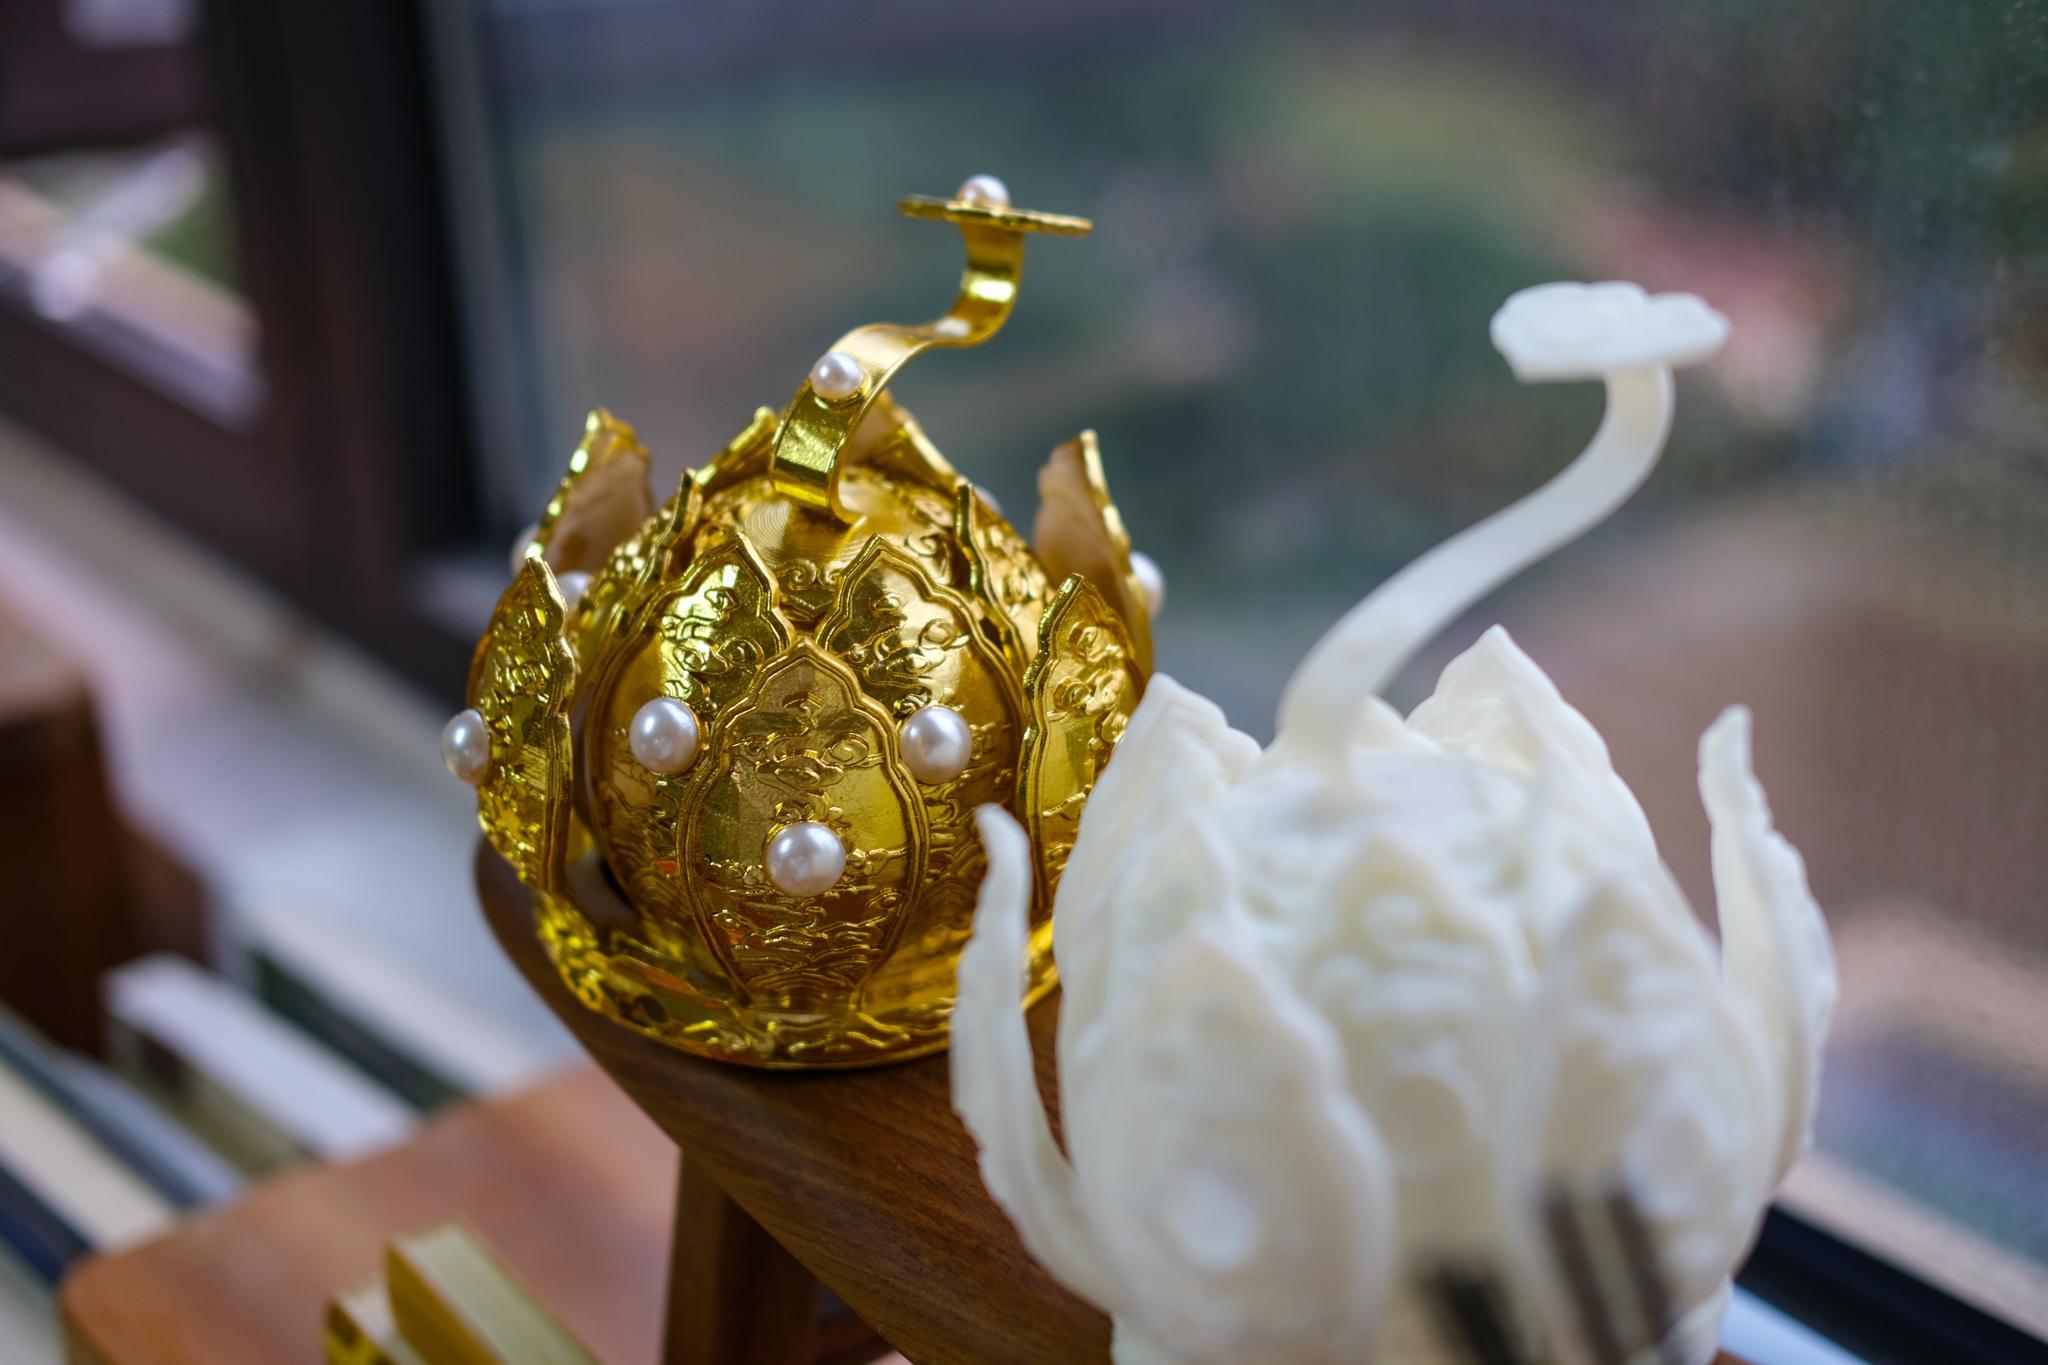 树脂祥云捧日莲花冠,最初本为金道长所设计,售价三百元。不含贴金